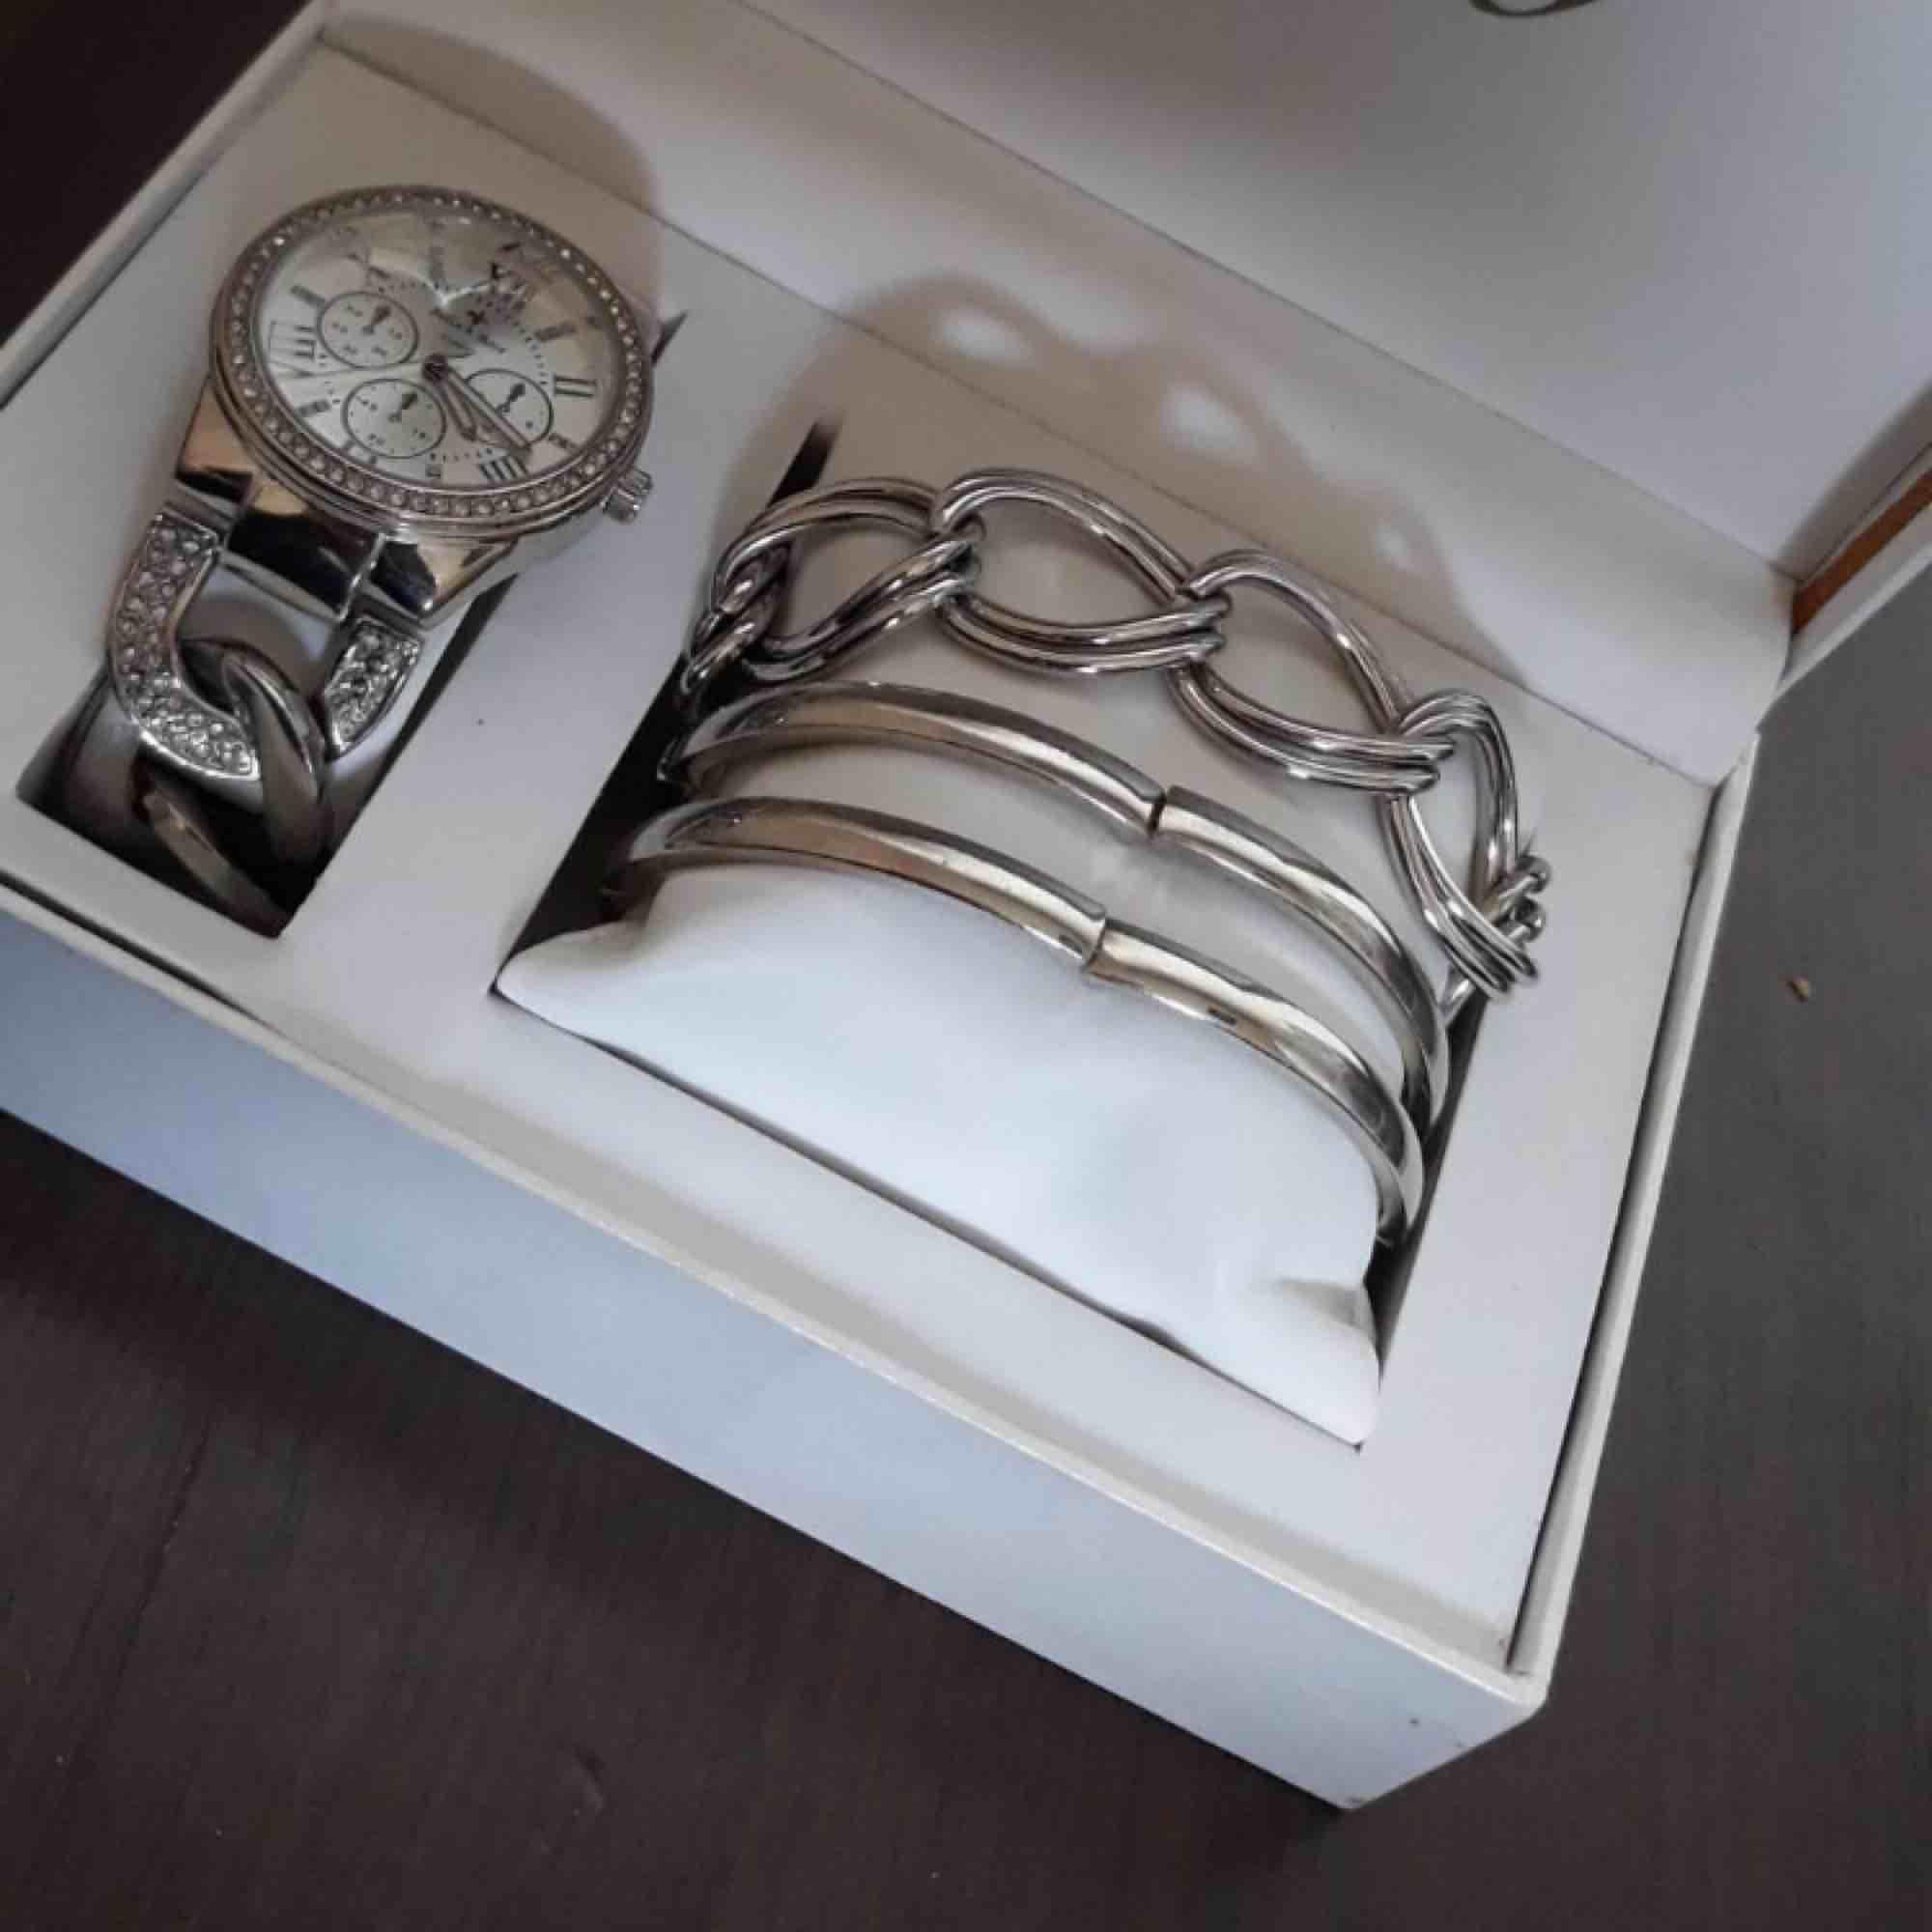 Denna klocka är köpt utomlands för 500kr, den är i bra skick, den fungerar än. Ingen större skada, armbanden medföljer🥰.  200 eller högst bud😉. Accessoarer.